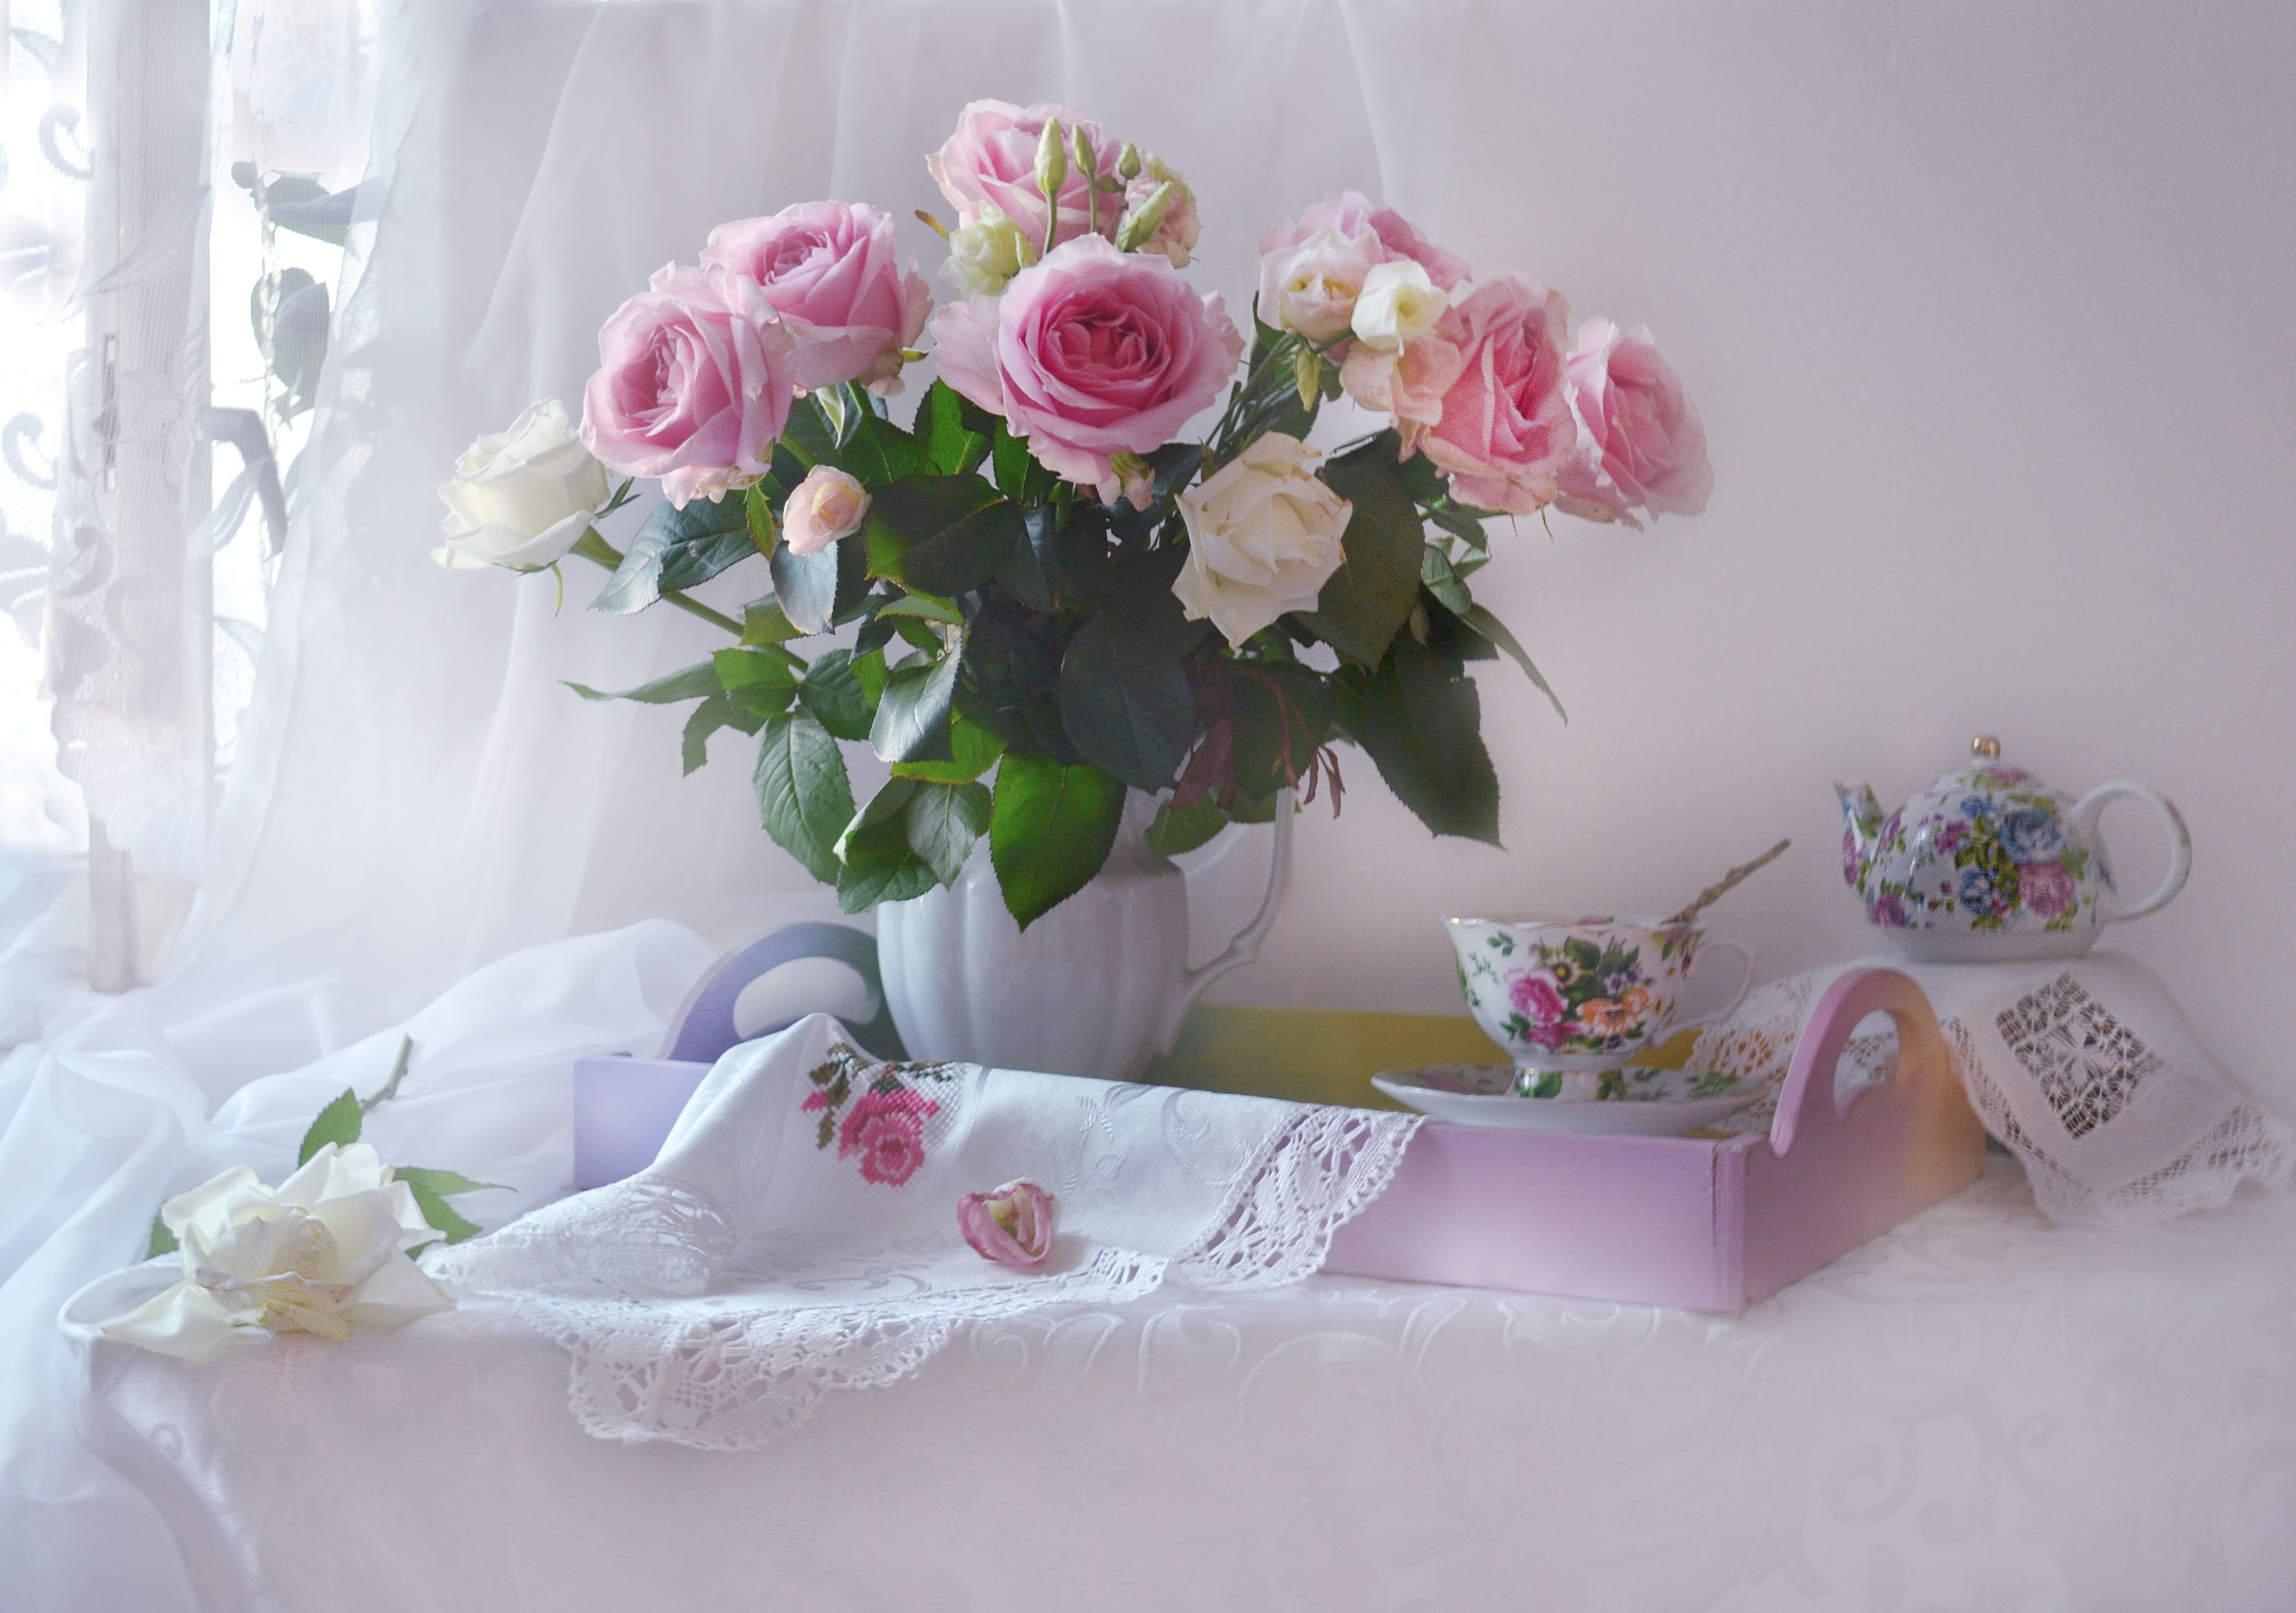 still life,натюрморт,фото натюрморт,осень, октябрь ,цветы, фото натюрморт, фарфор, розы, настроение, Колова Валентина